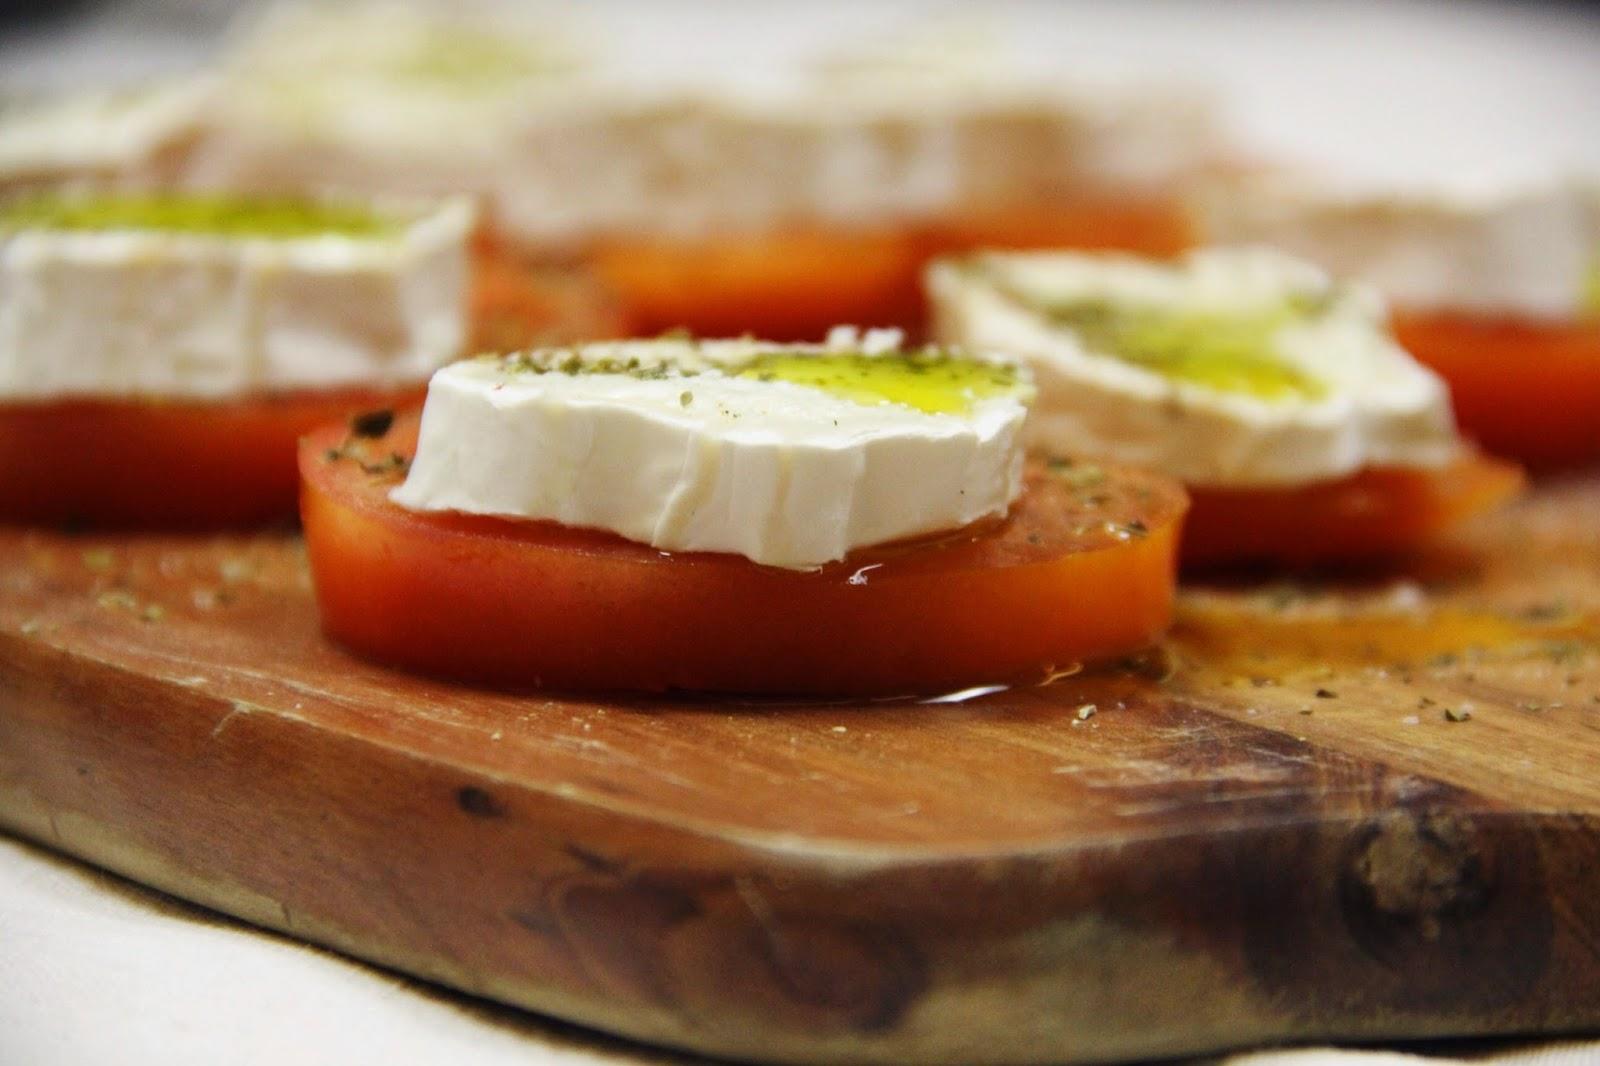 Delicias de tomatequeijo